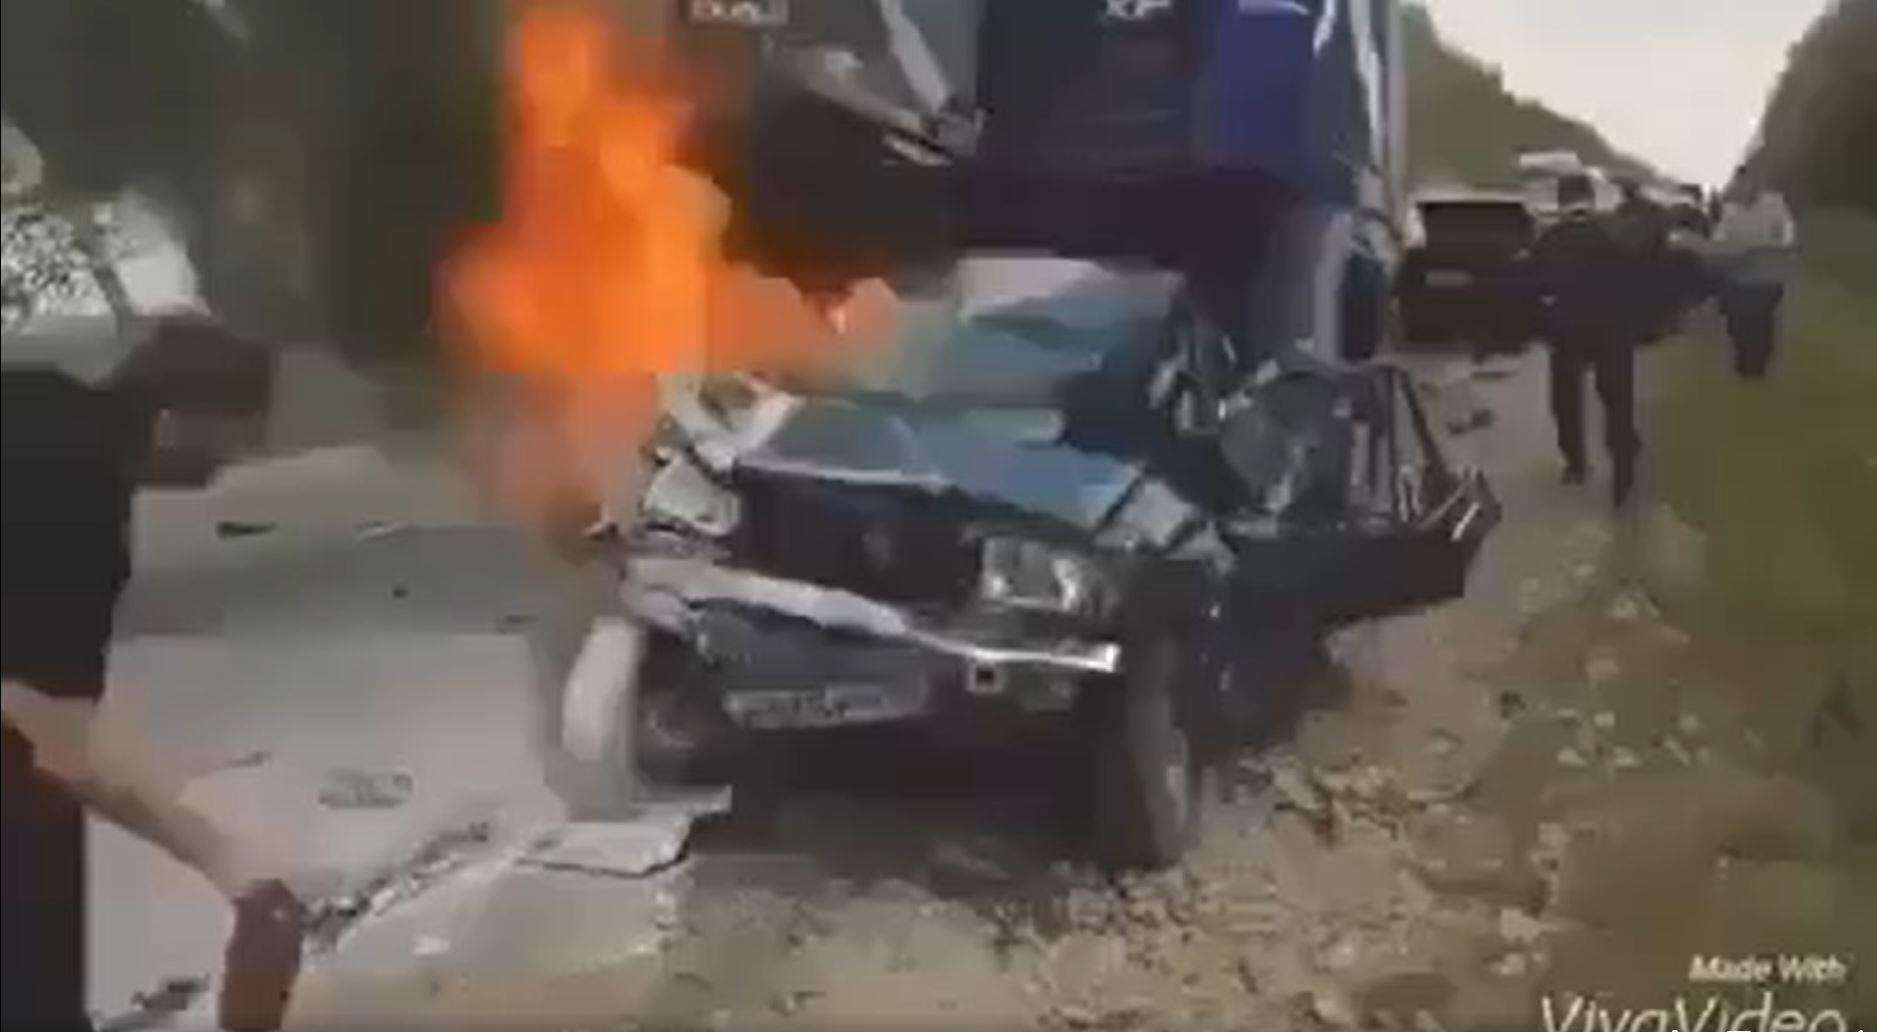 Capture d'écran d'une vidéo prétendant montrer l'accident de Lars Vilks, publiée sur Facebook le 8 octobre 2021.